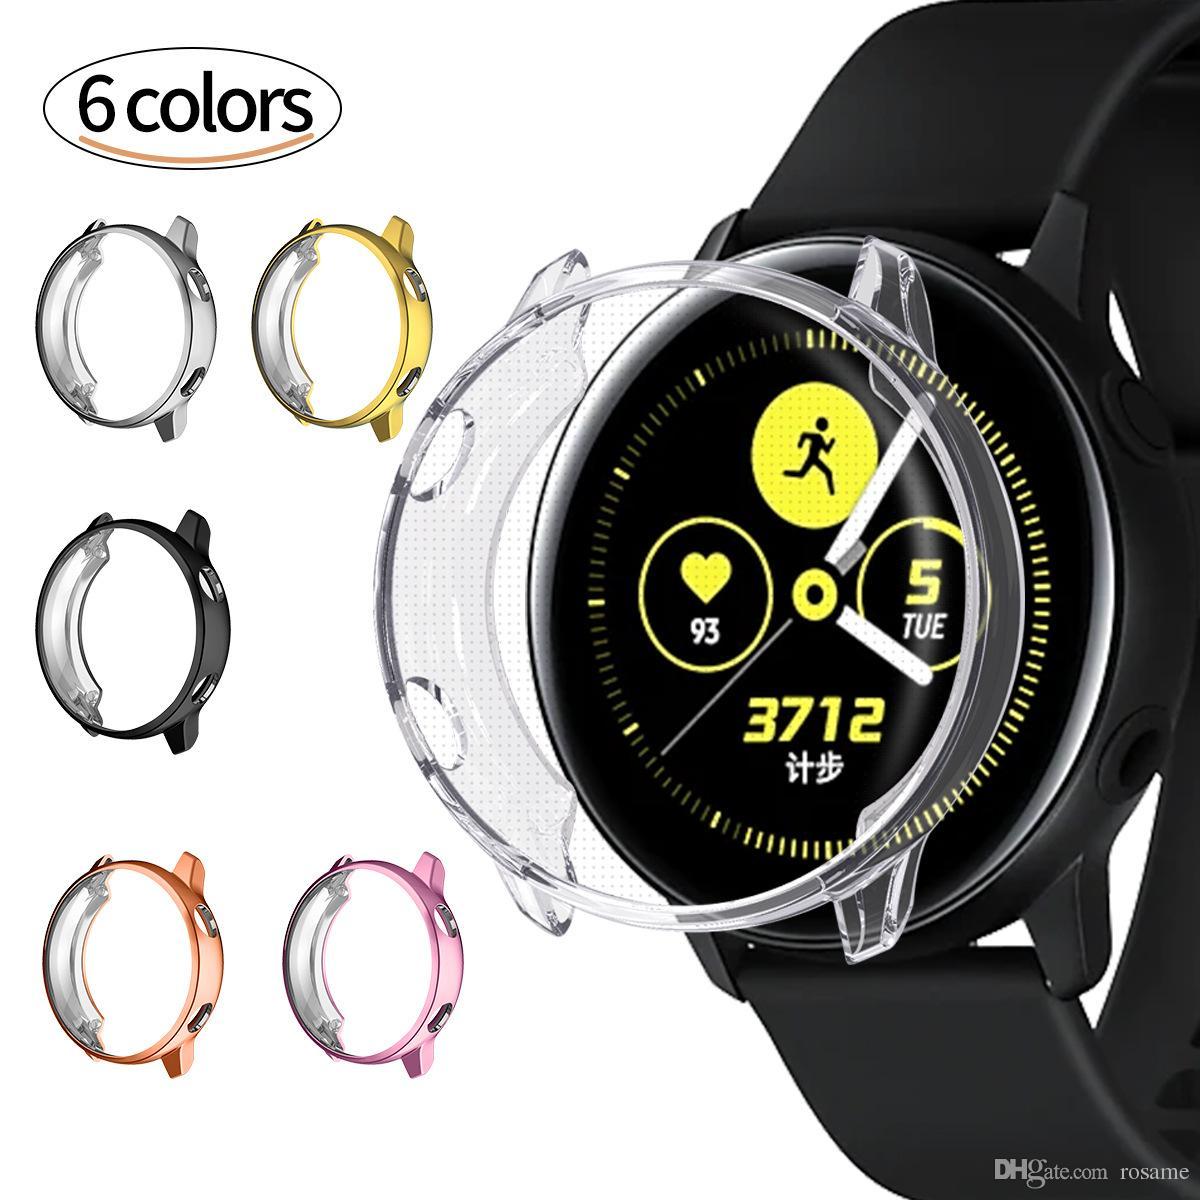 Relógio inteligente manga protetora TPU banhado a caixa anti-queda para Samsung Galaxy Watch Active Watch Dial 46MM